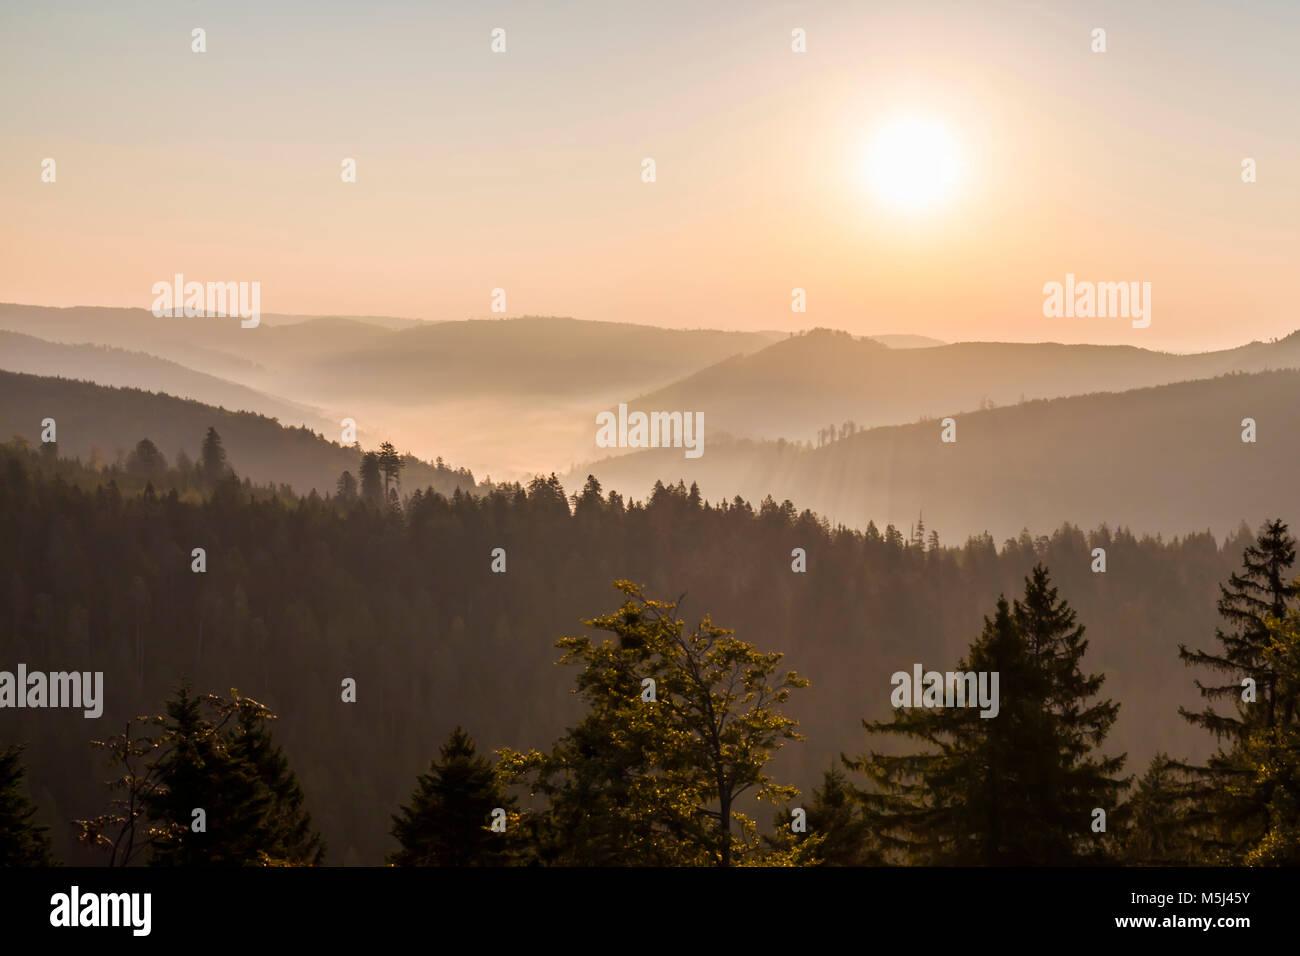 Deutschland, Baden-Württemberg, Schwarzwald, Blick vom Schliffkopf, Tal, Wald, Bäume, Nebel, Morgennebel, - Stock Image